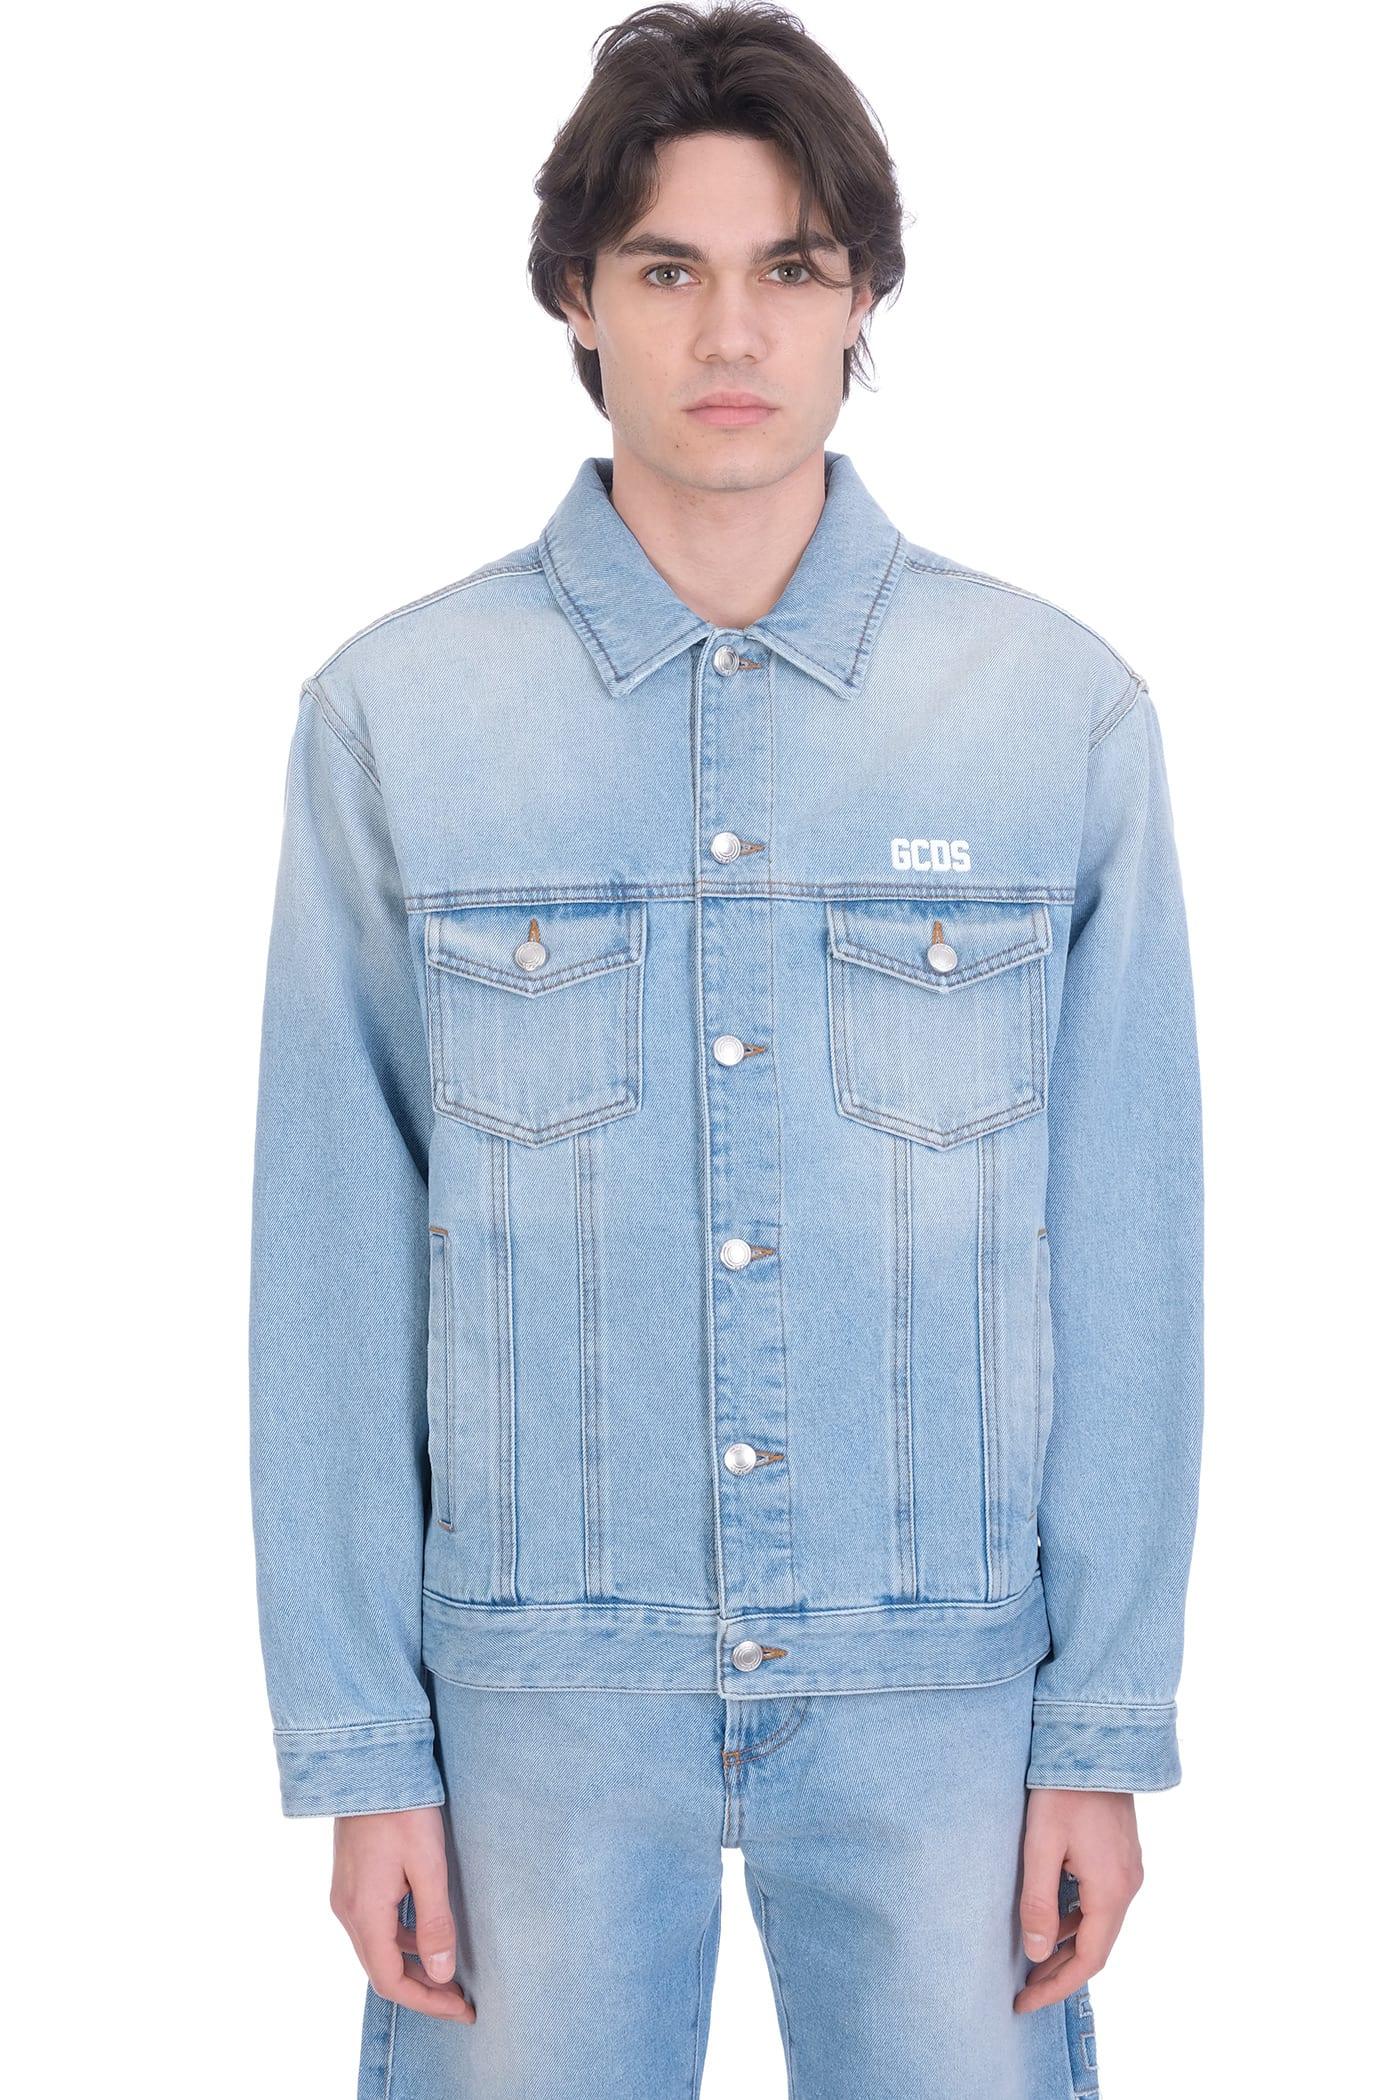 Jacket In Cyan Cotton